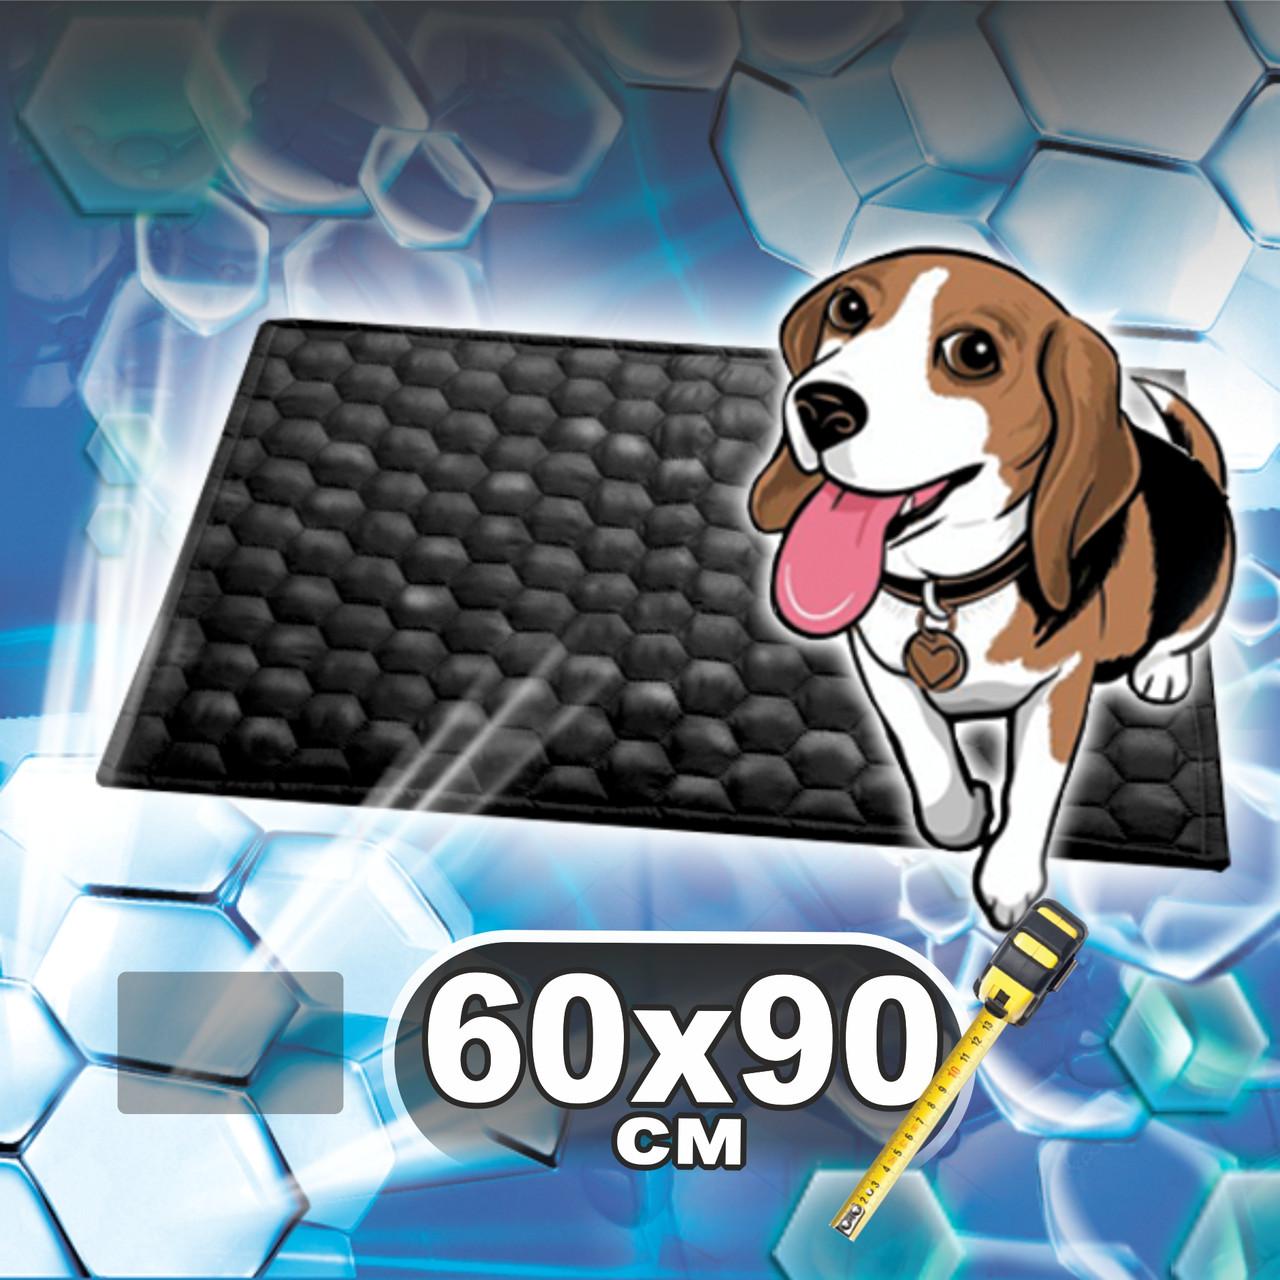 Многоразовая пеленка для собак 60х90 см непромокаемая ЧЕРНАЯ